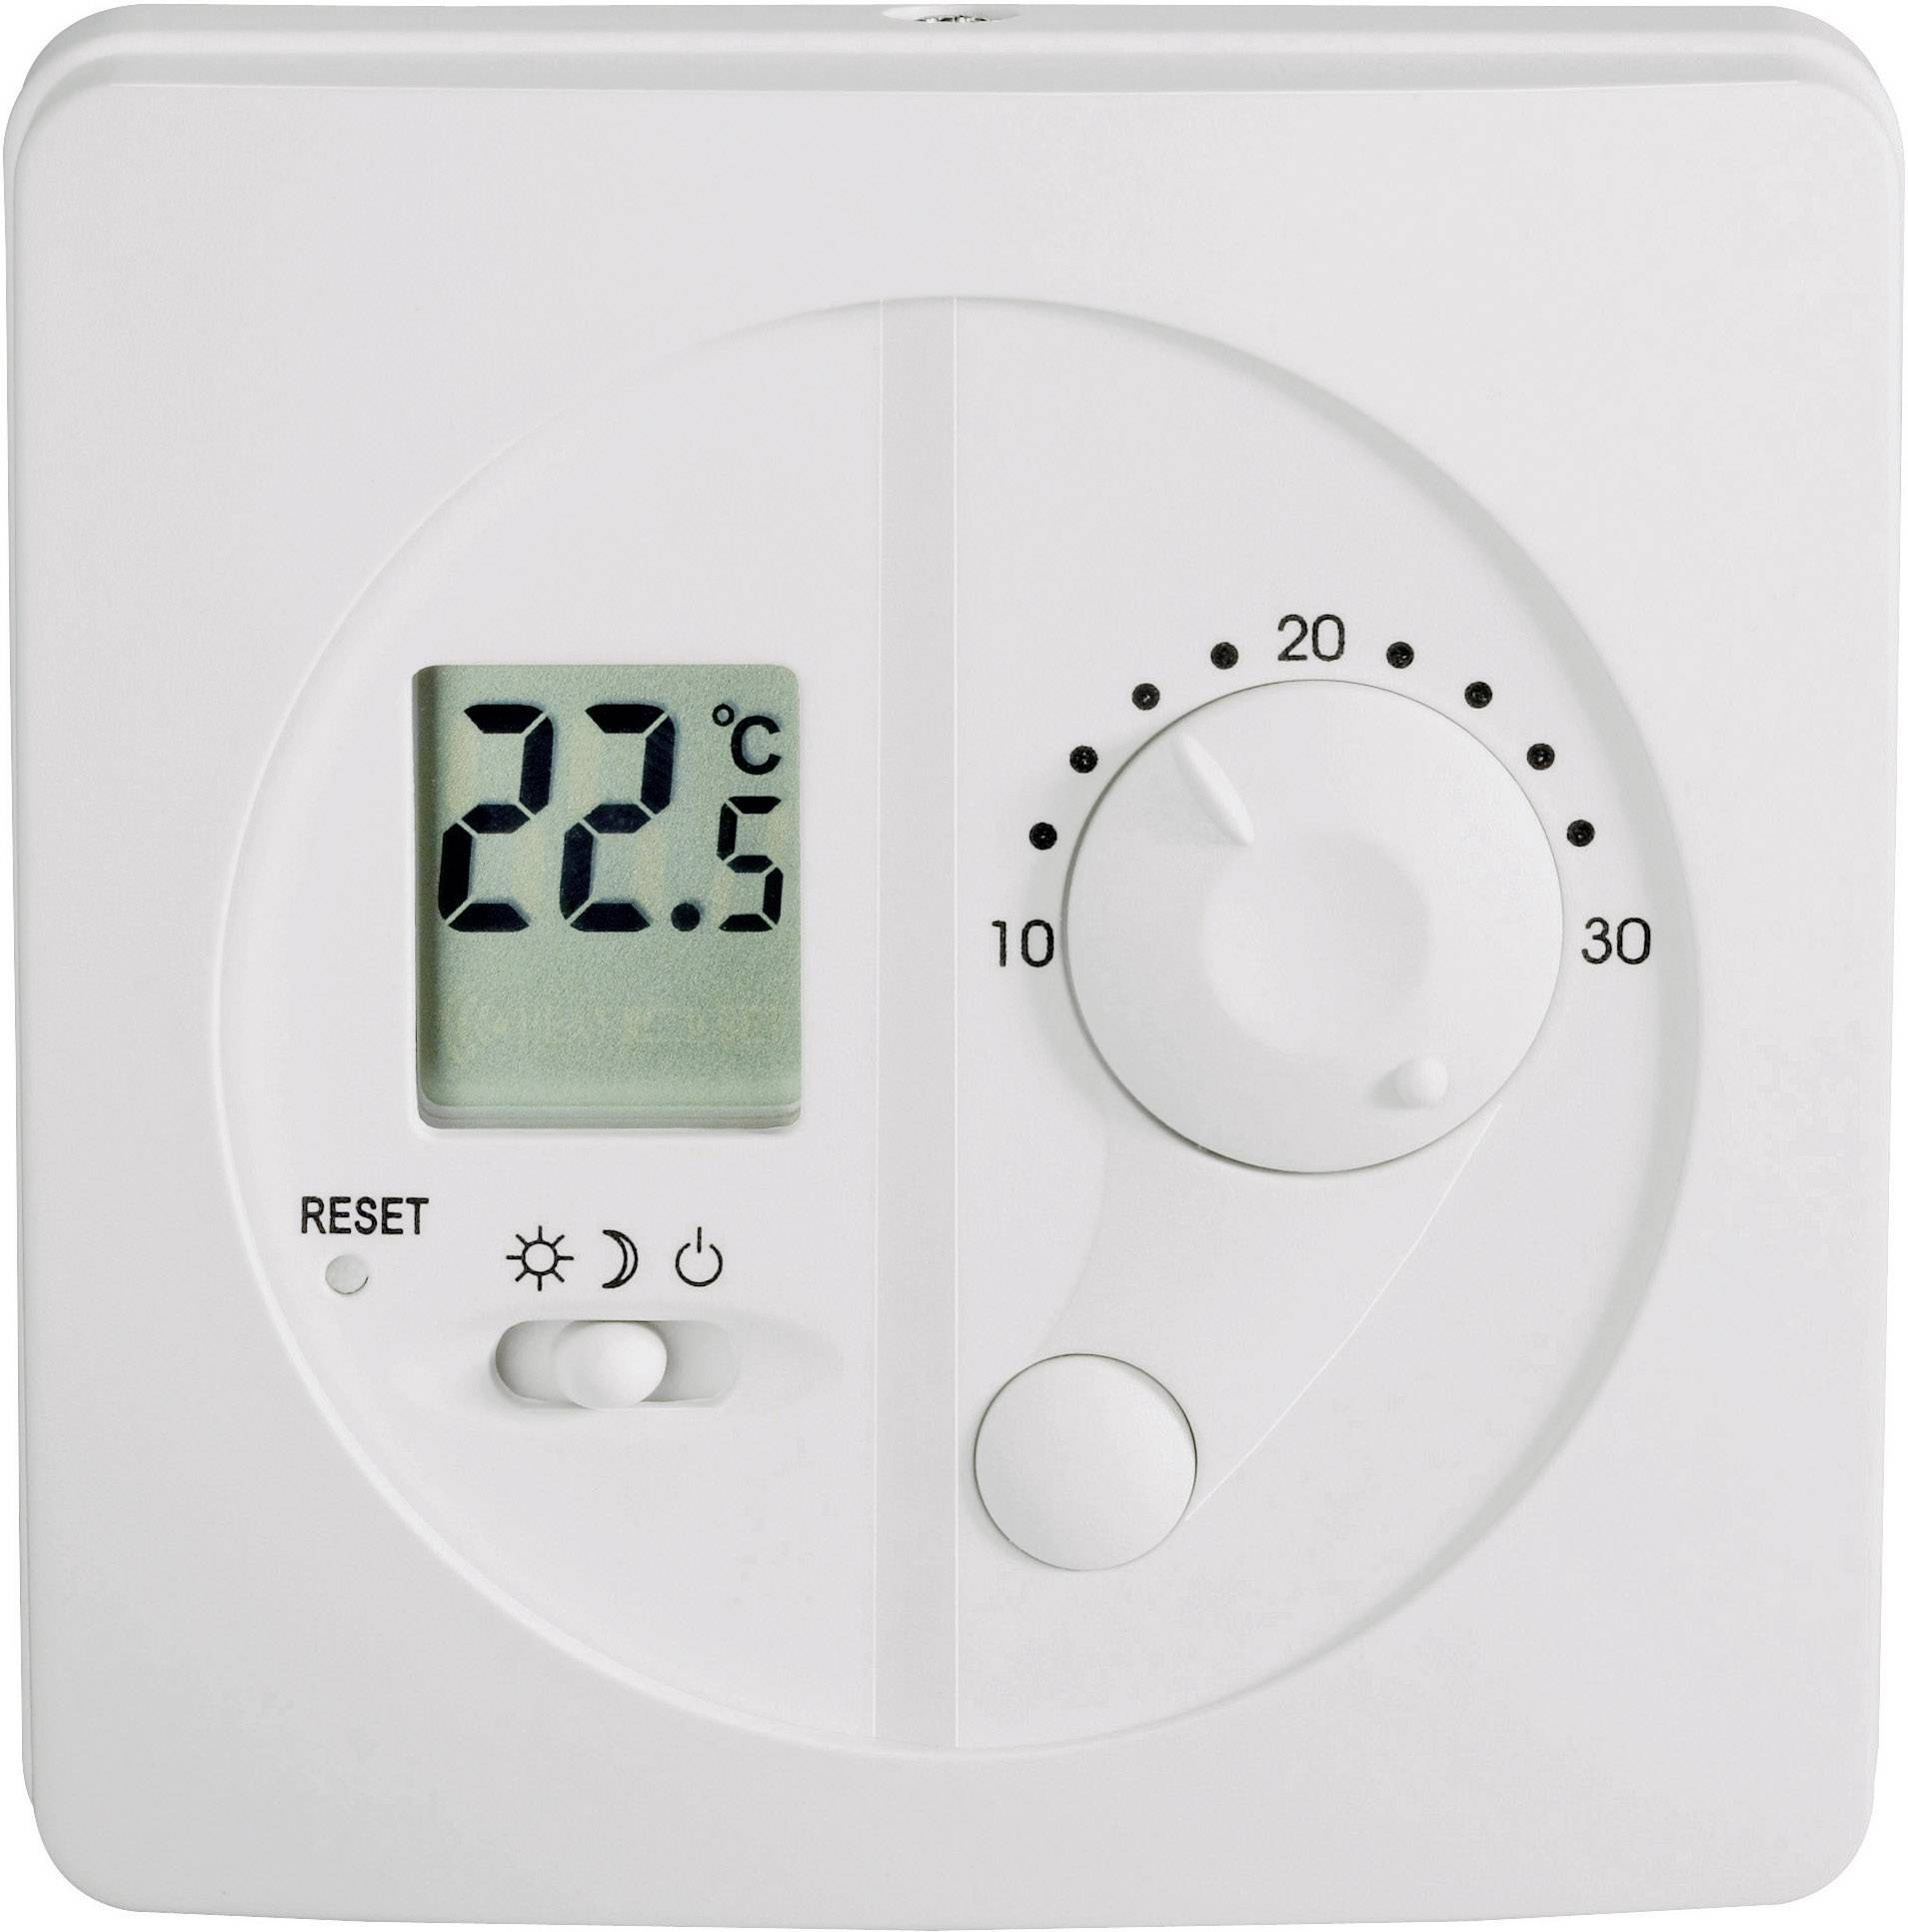 Nástěnný pokojový termostat s LCD, 10 až 30 °C, bílá